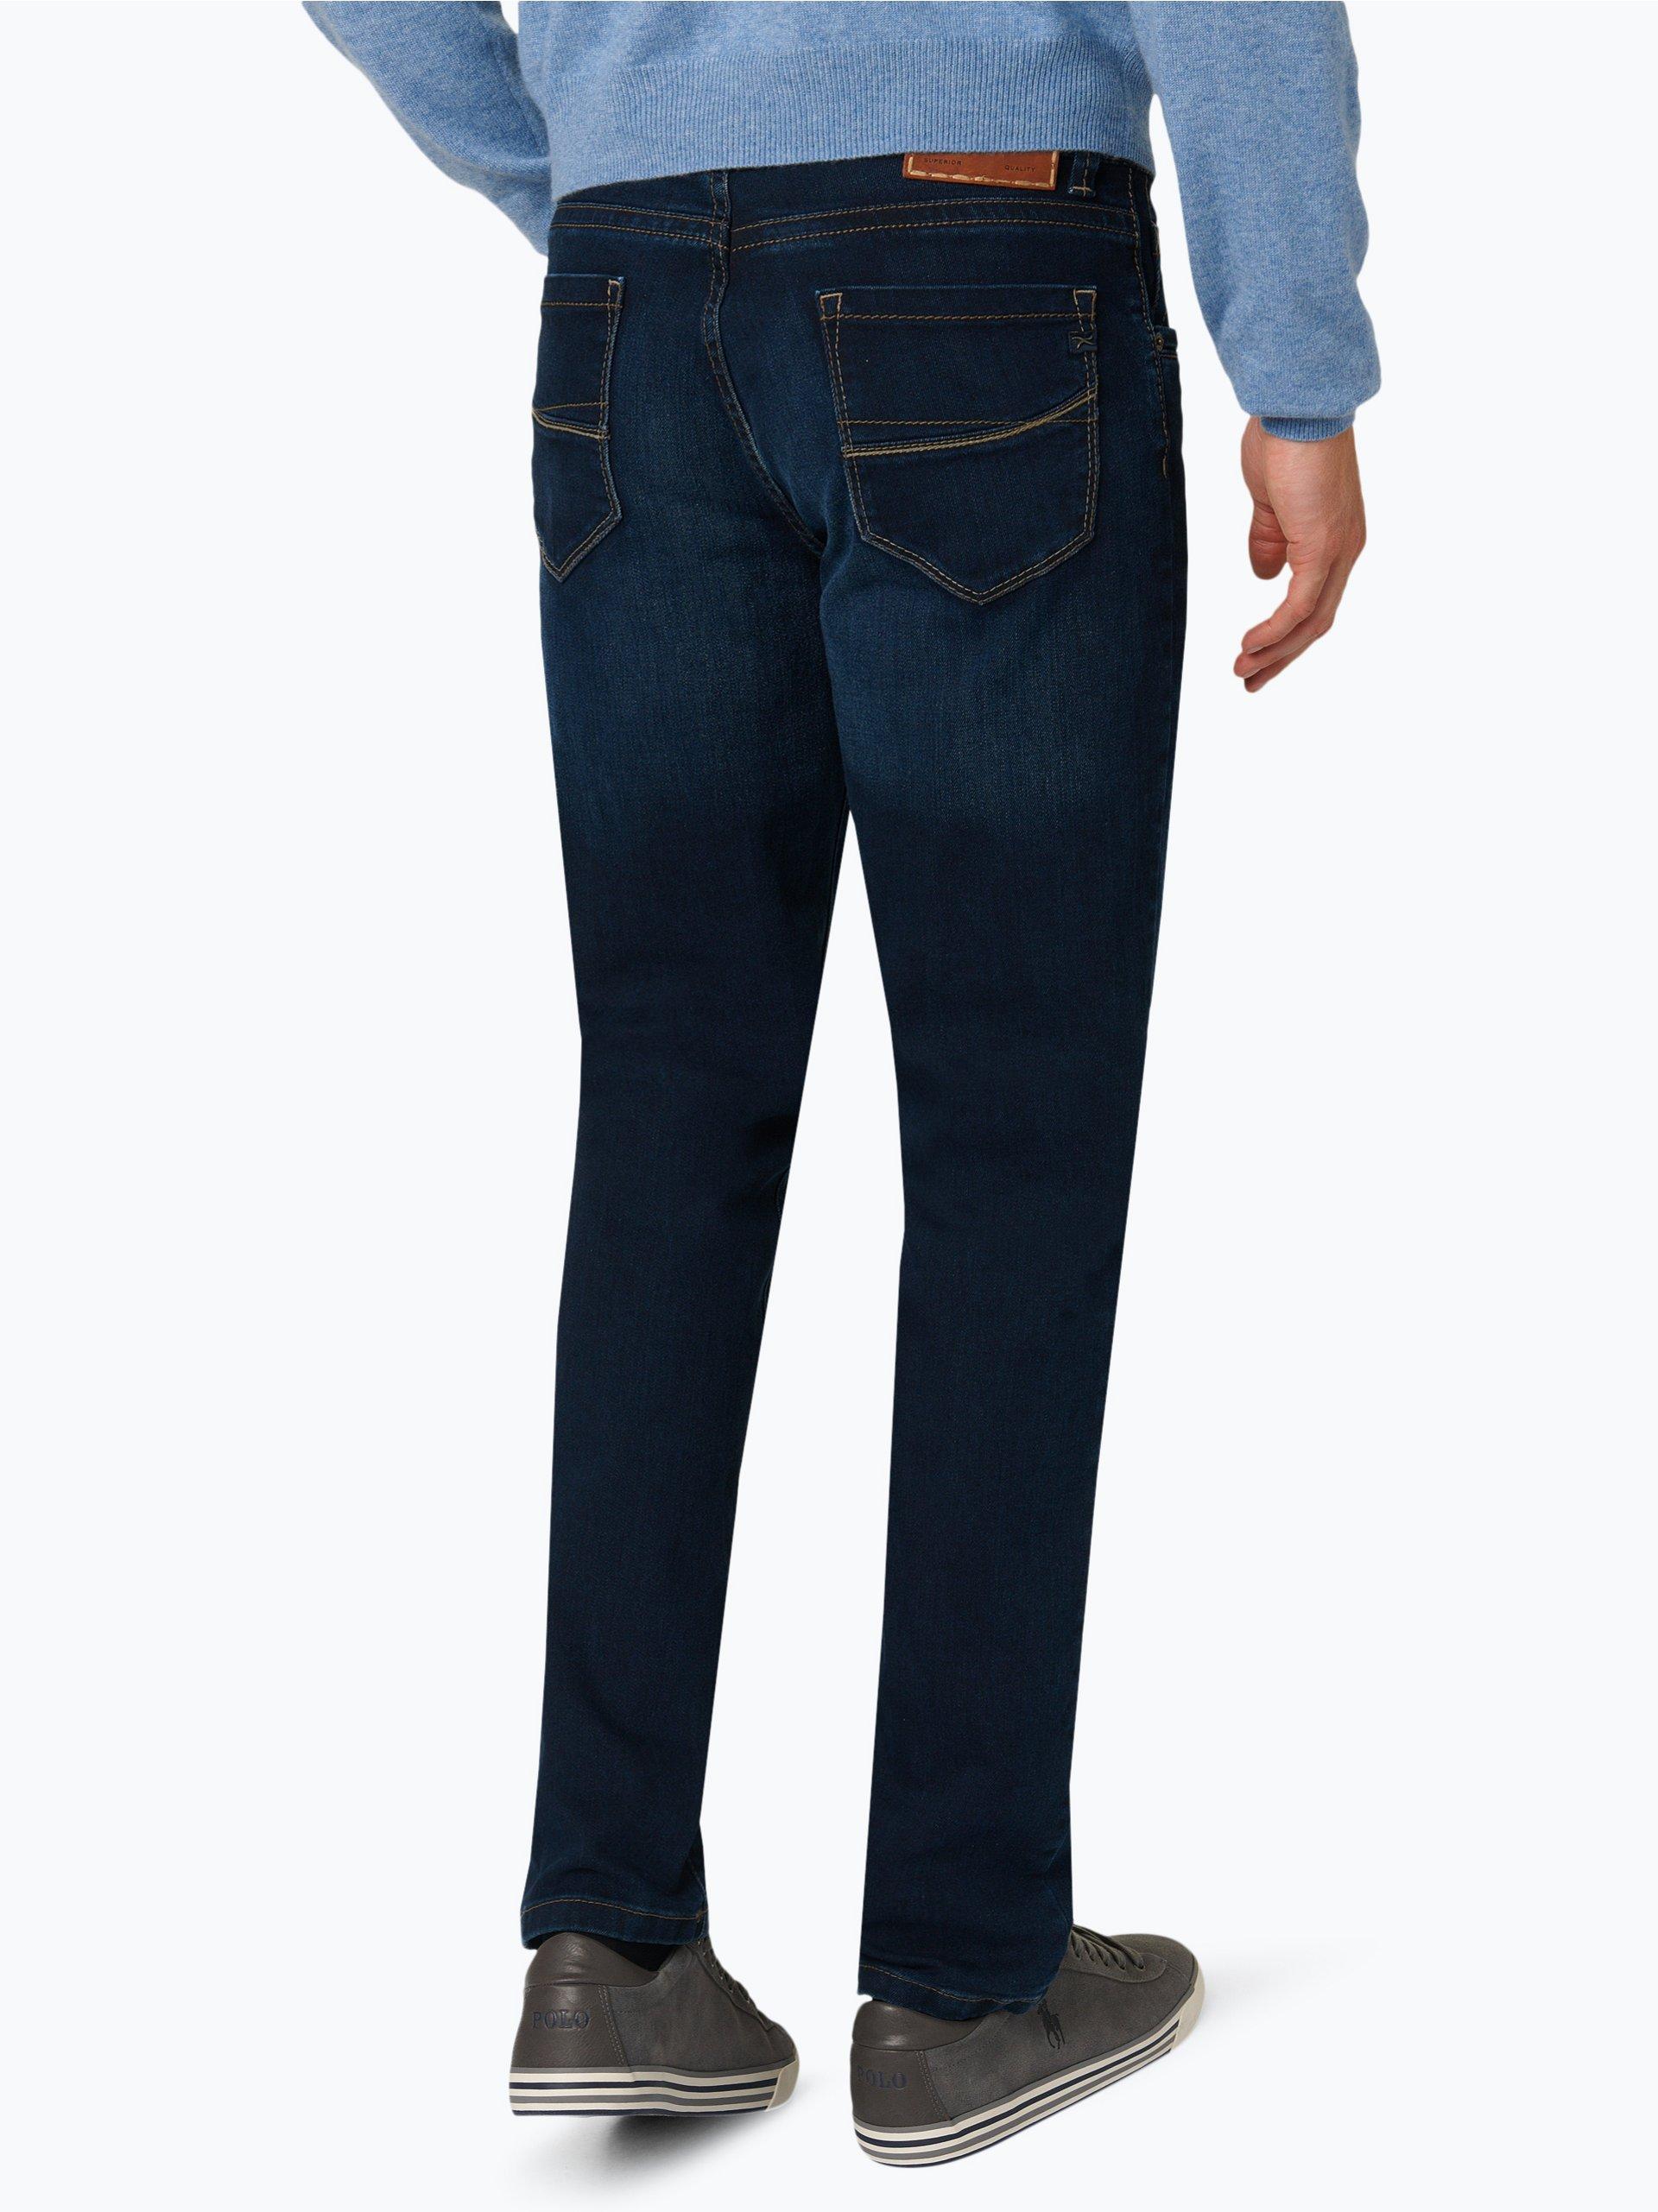 brax herren jeans cadiz online kaufen vangraaf com. Black Bedroom Furniture Sets. Home Design Ideas